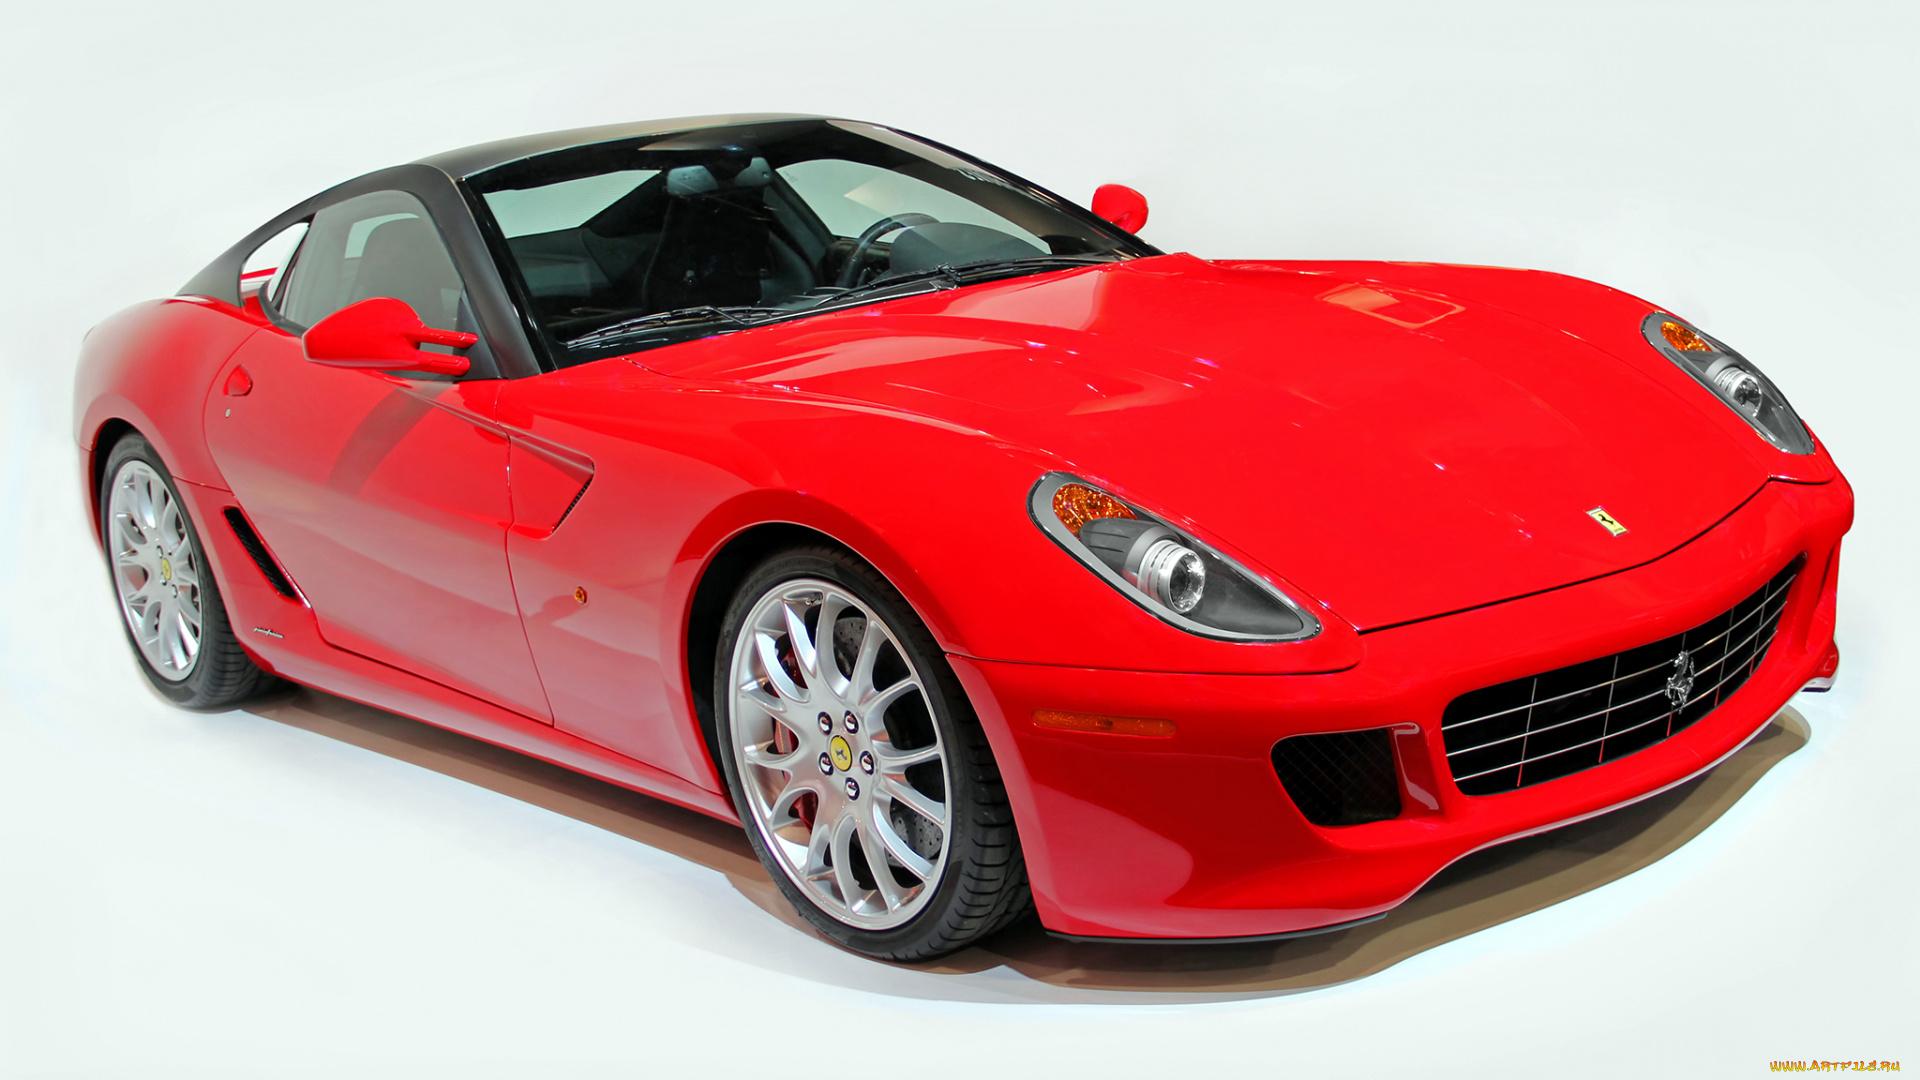 белый автомобиль Ferrari 599 GTB Fiorano скачать